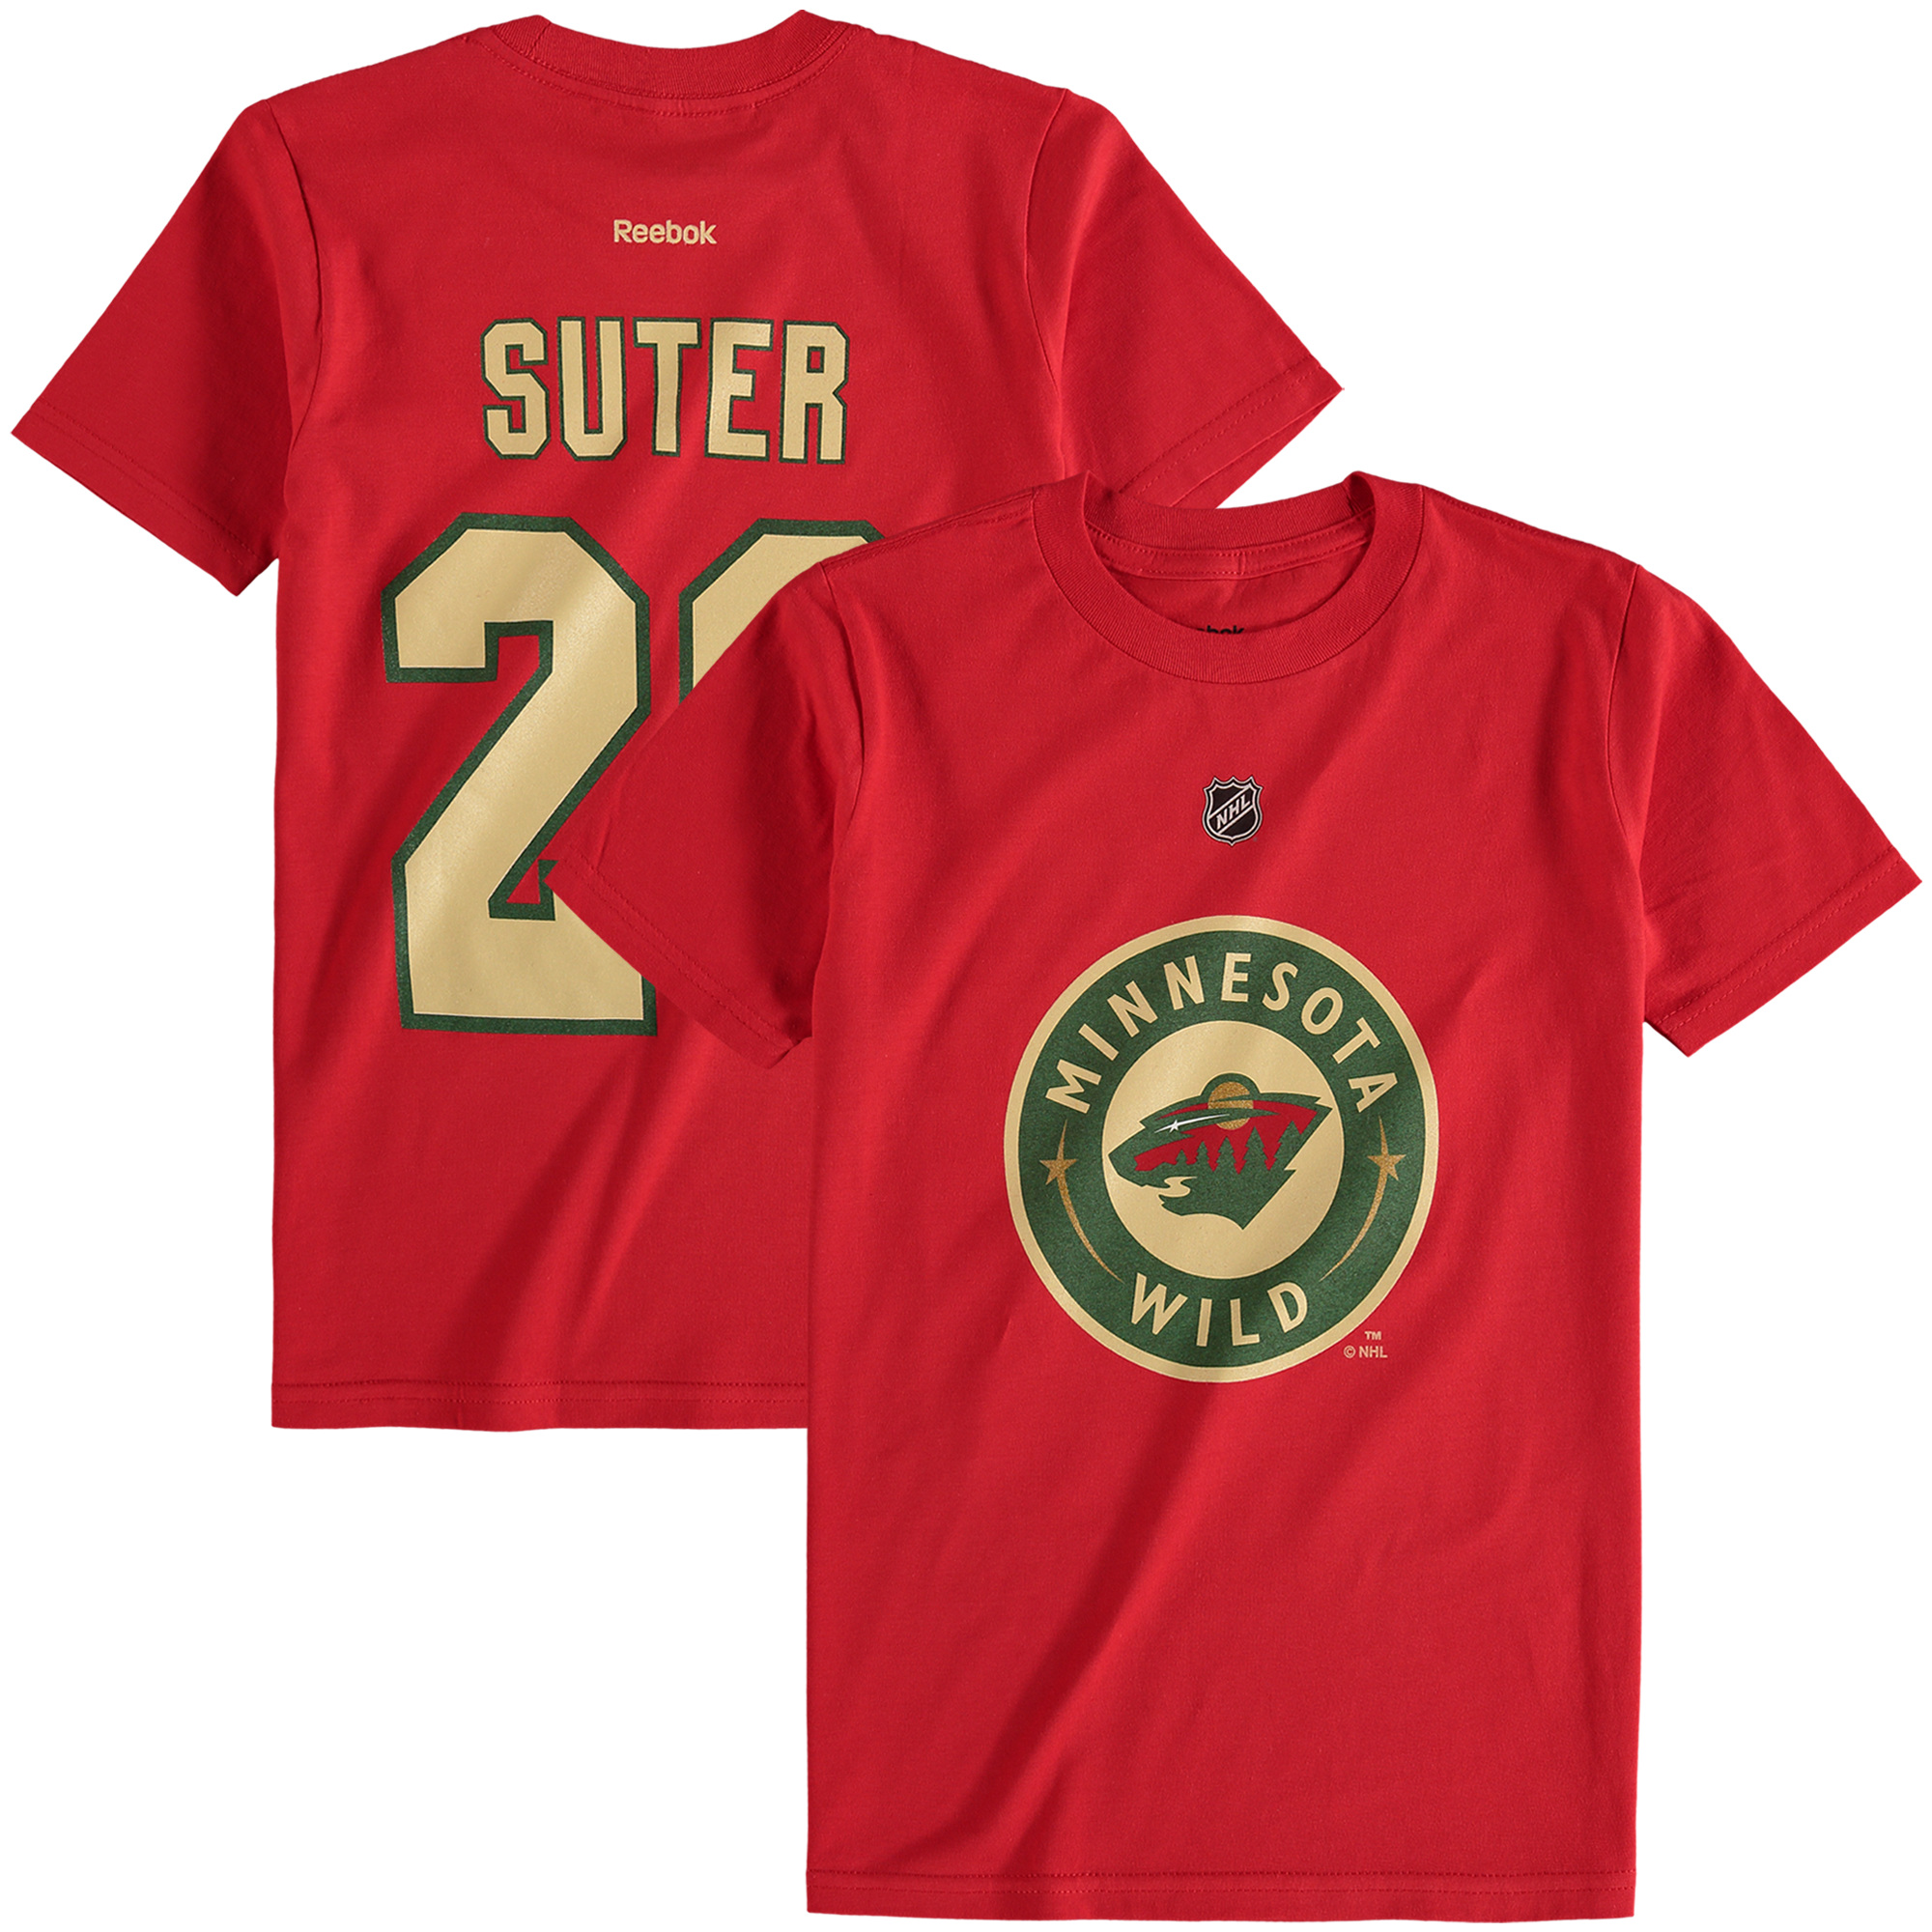 Reebok Dětské tričko Ryan Suter Minnesota Wild NHL Name & Number Velikost: Dětské M (9 - 11 let)